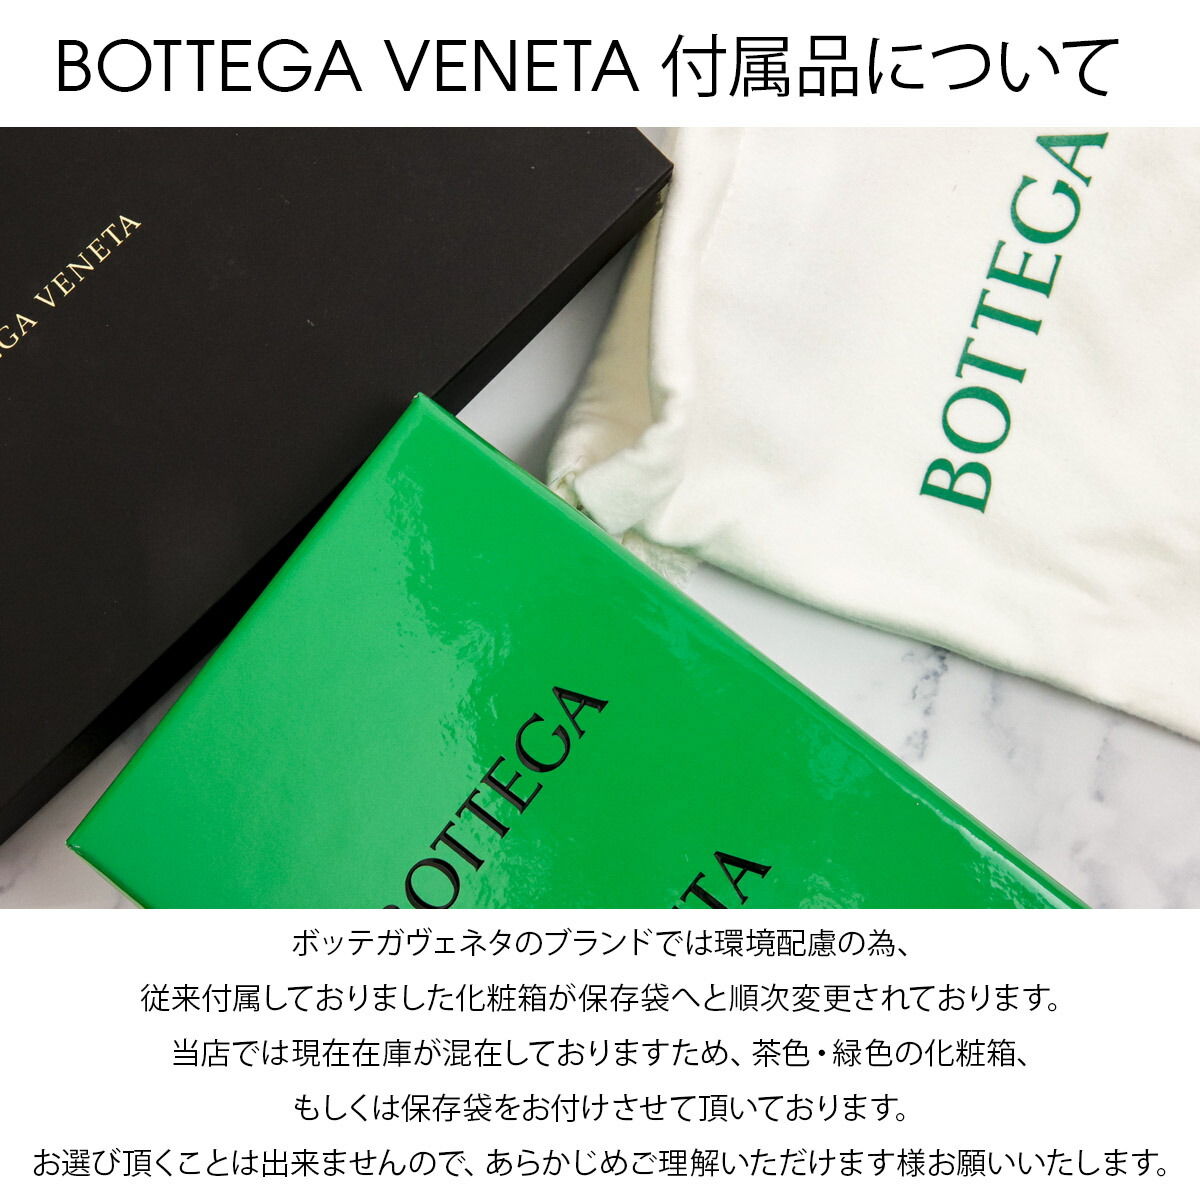 ボッテガヴェネタ BOTTEGA VENETA コインケース メンズ 小銭入れ ラウンドファスナー ブラウン 114075 V4651 2006/473010 V4651 2006